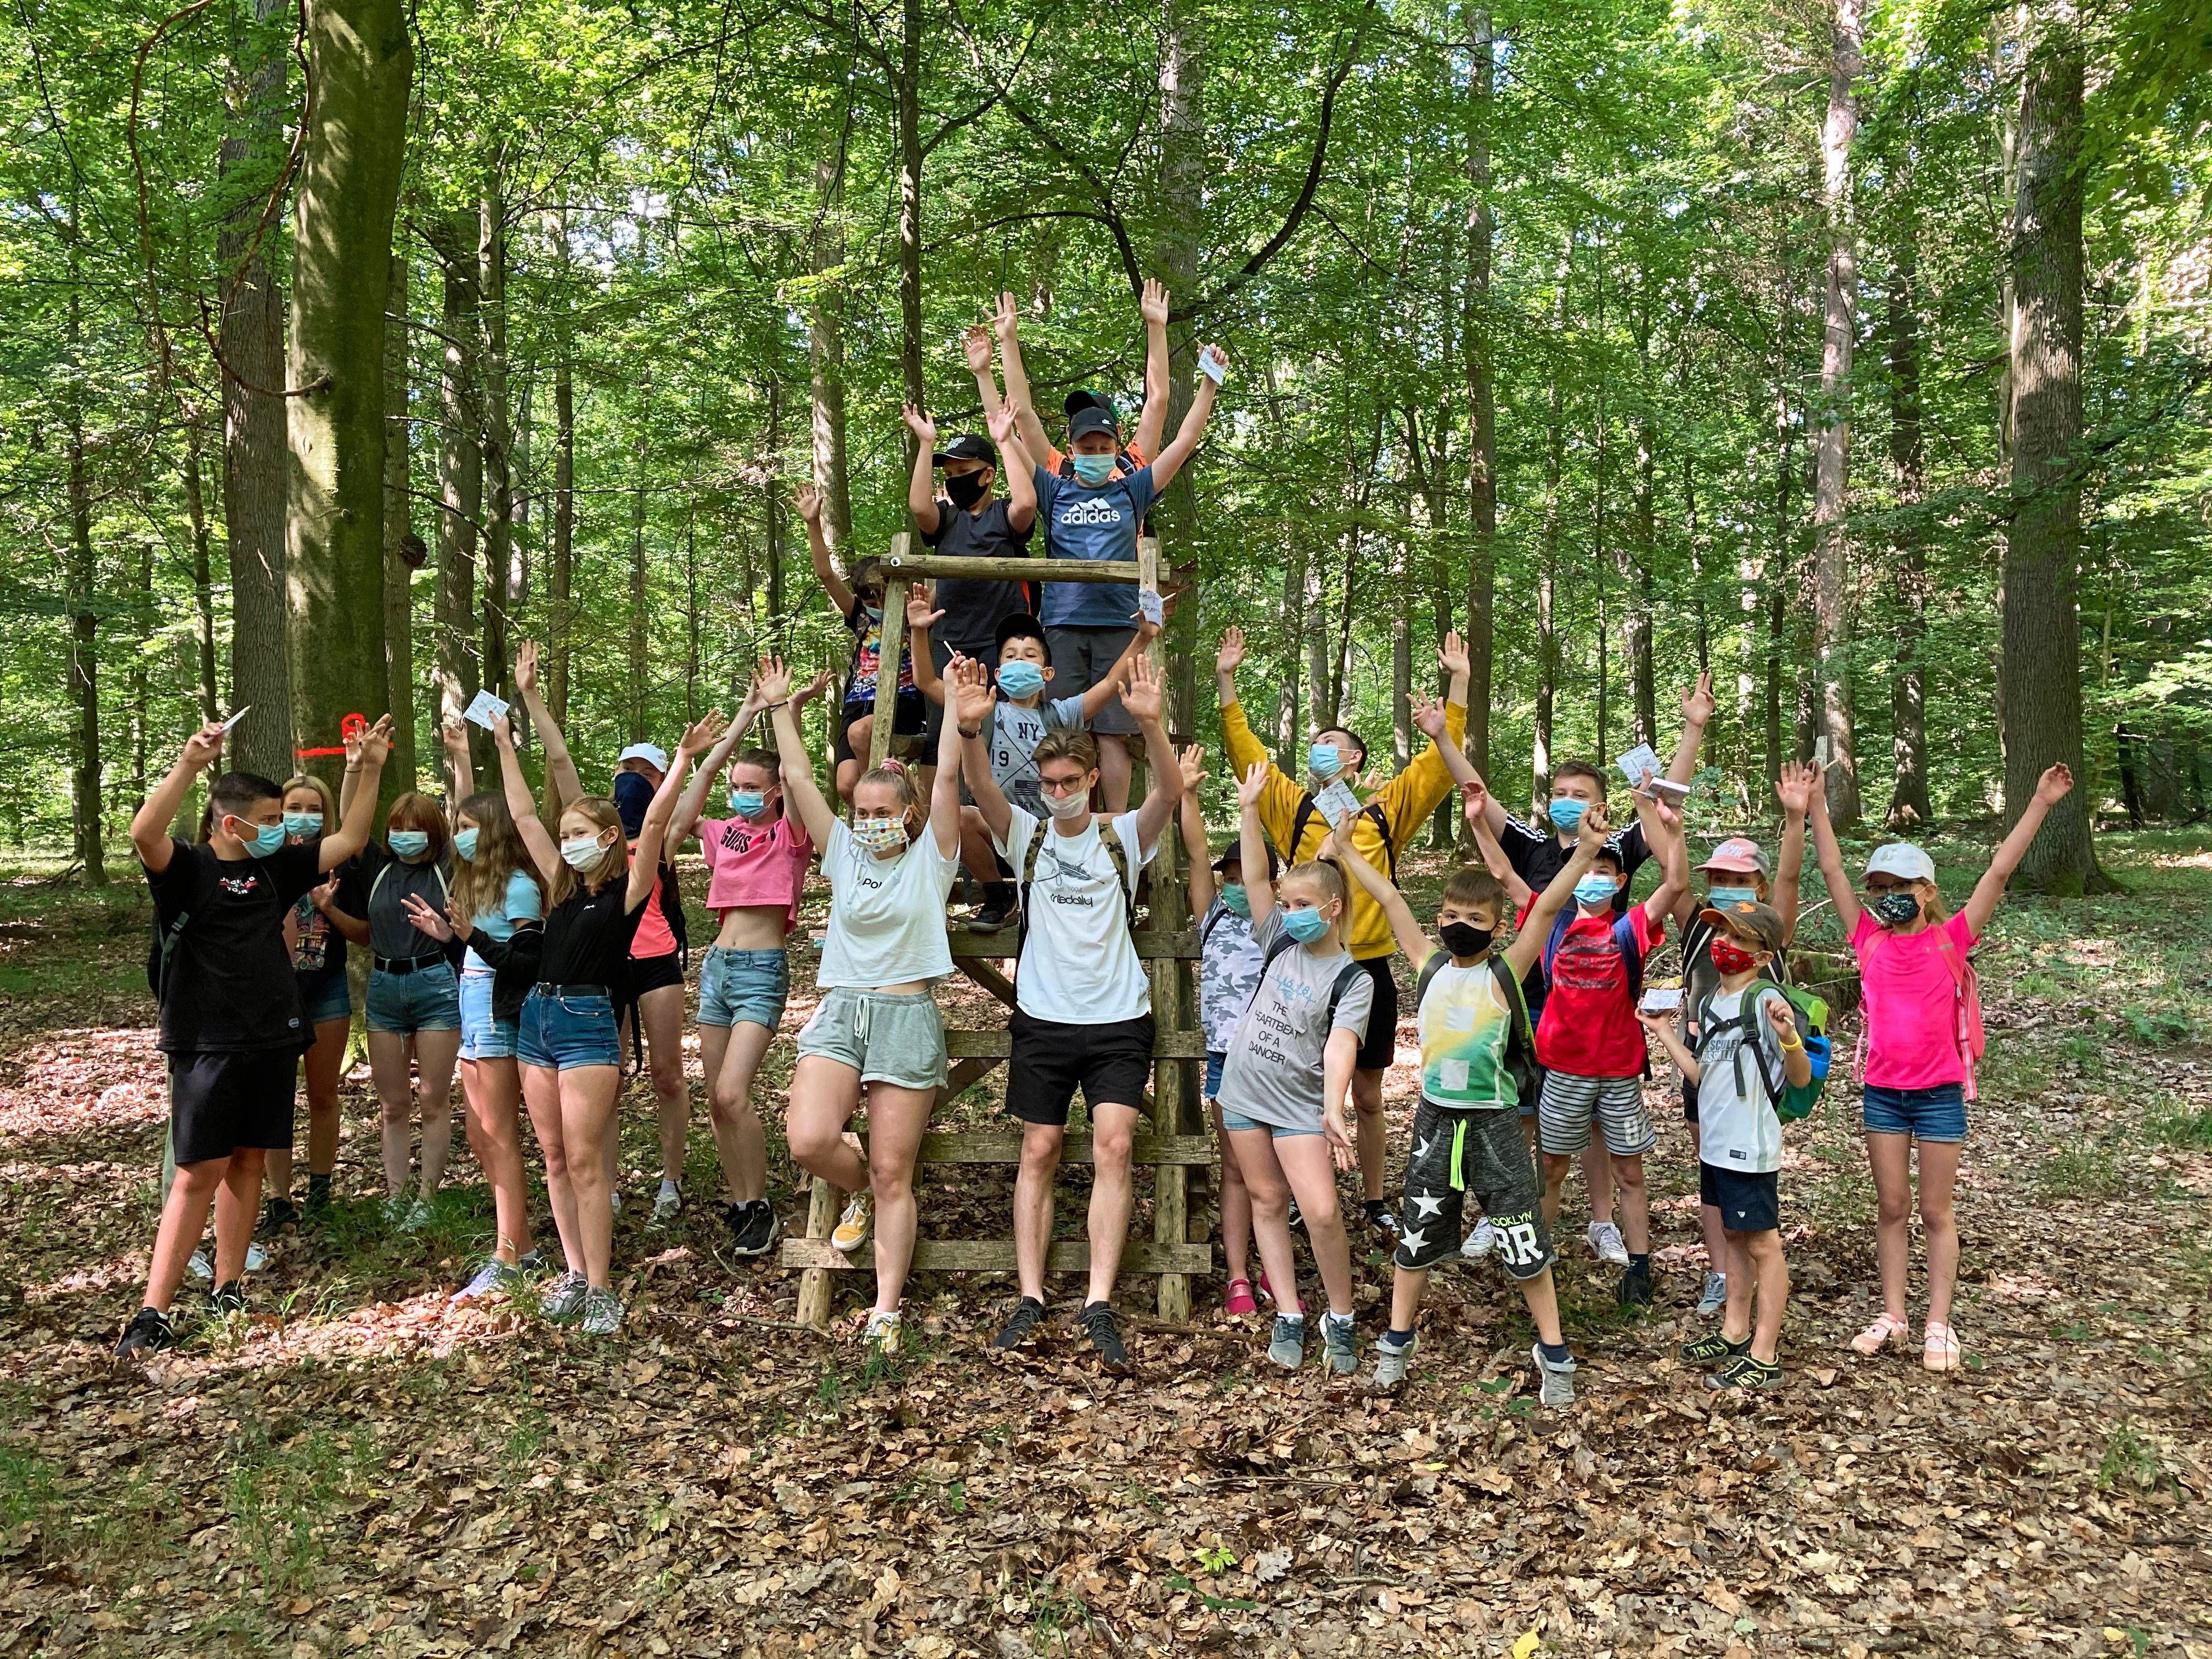 Beim Gang mit dem Förster durch die Natur erfuhren die Kinder und Jugendlichen viel über den heimischen Wald.